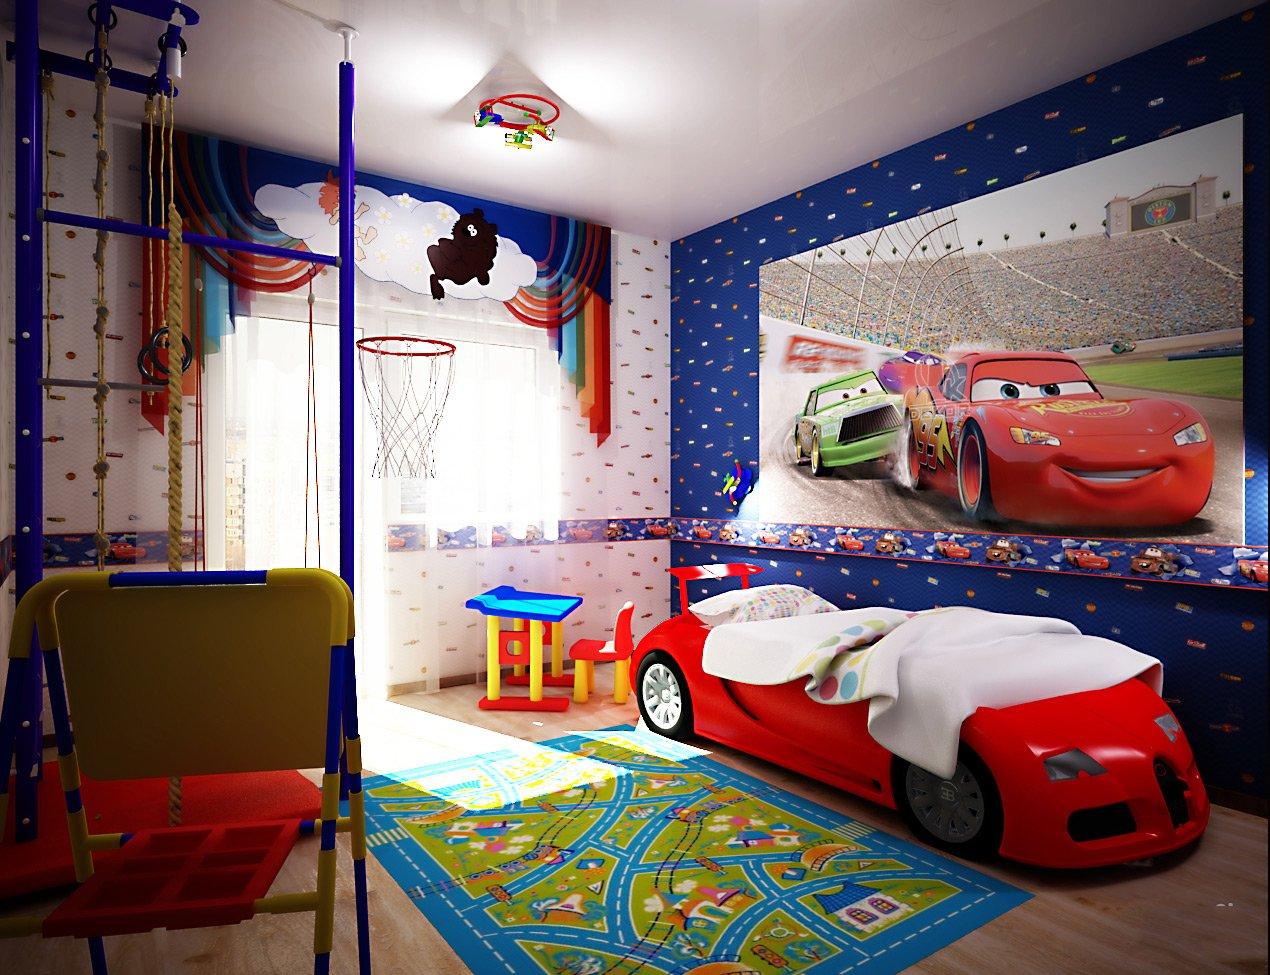 Обои в мелкий рисунок в комнате для мальчика